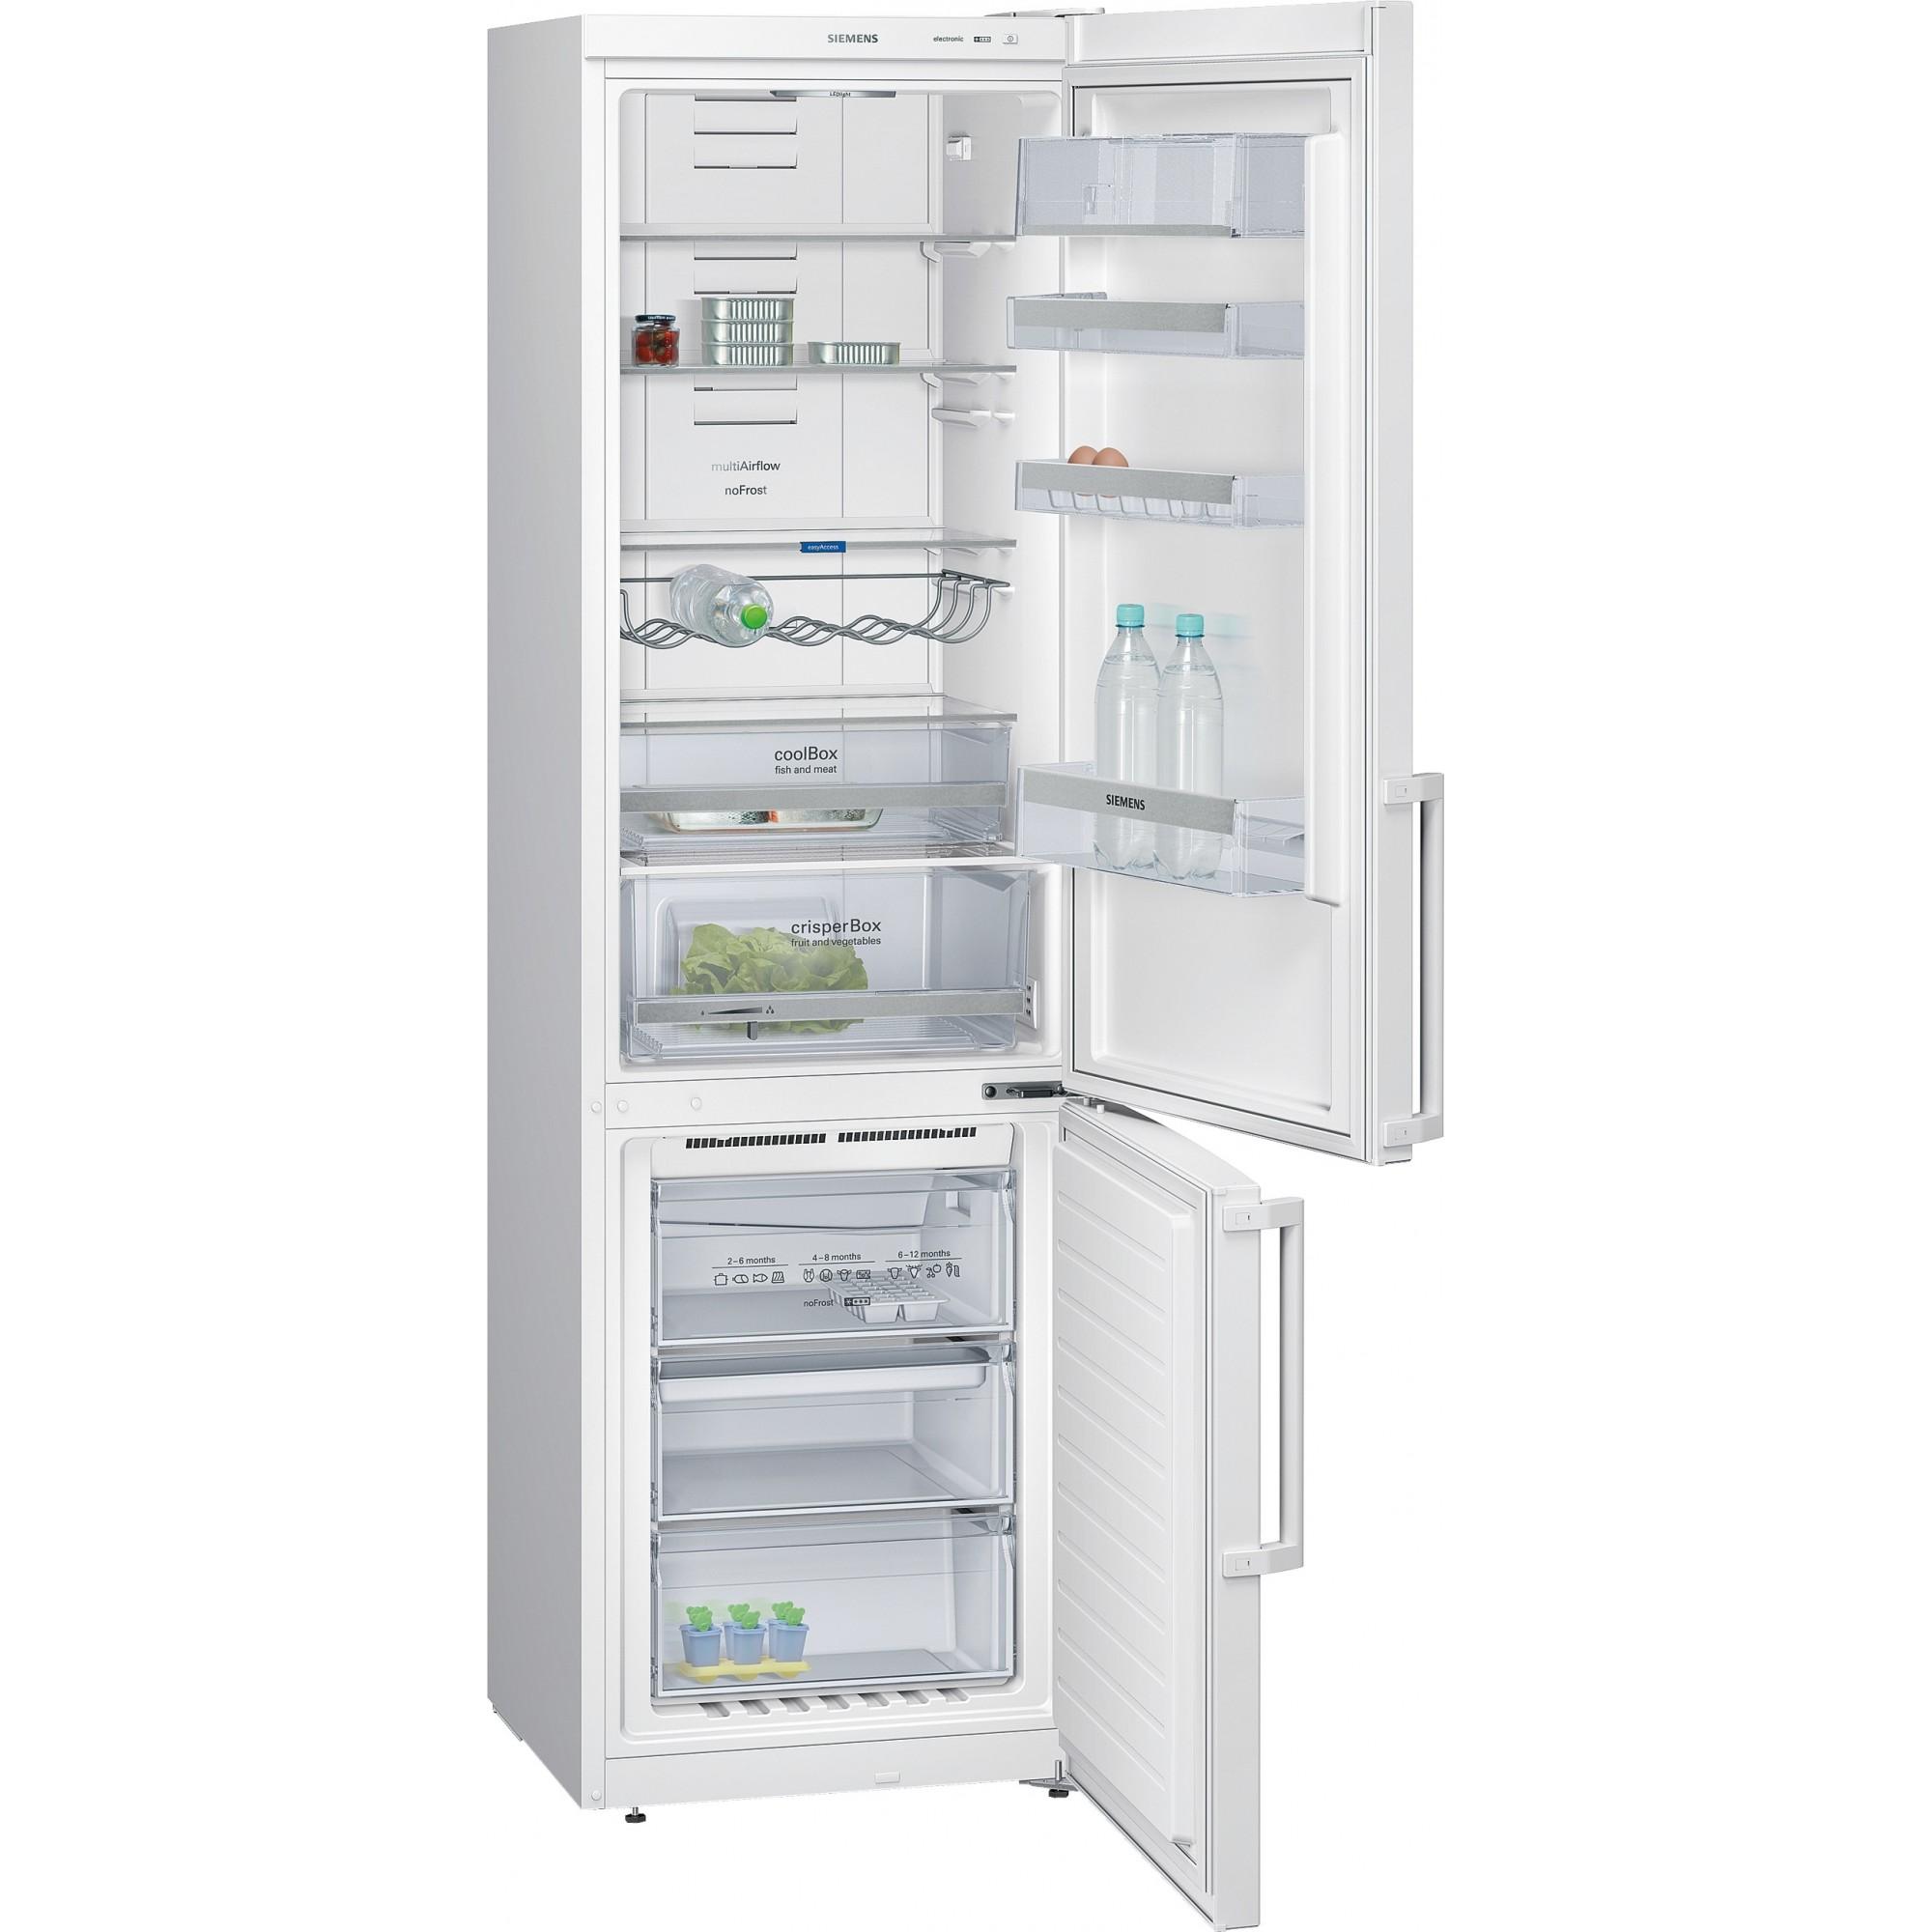 холодильник днепр 2м инструкция фото